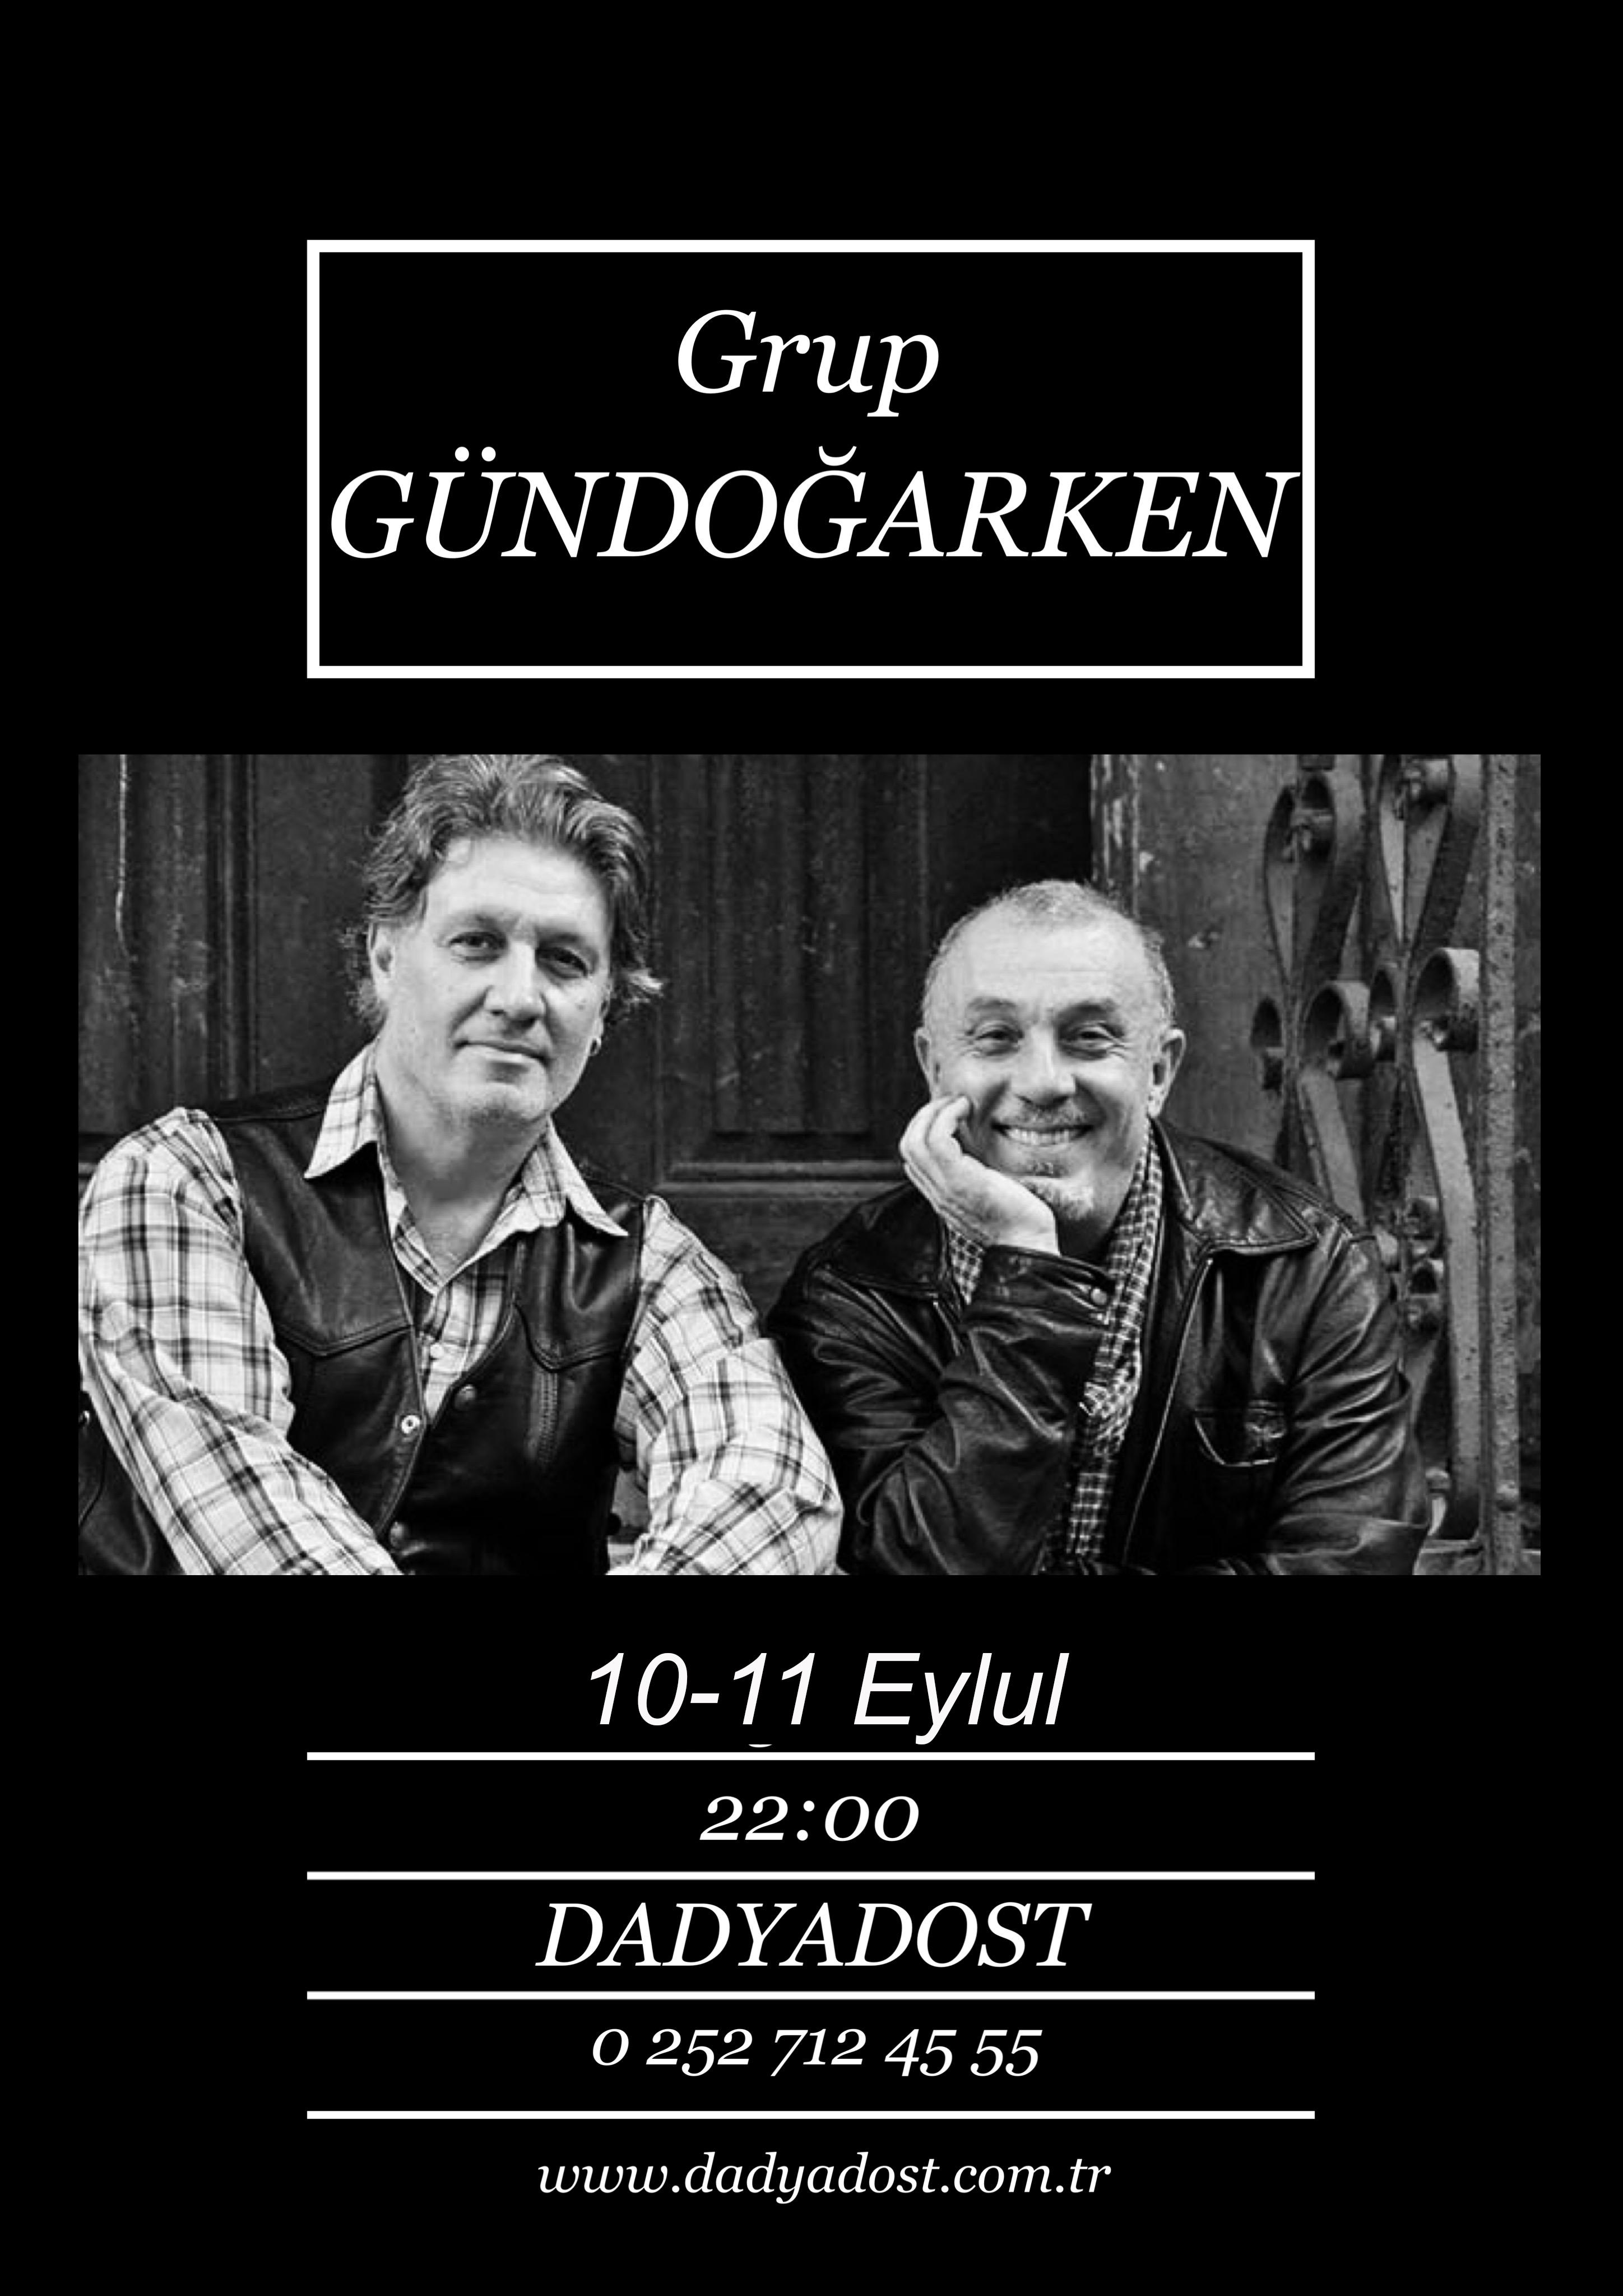 Gundogarken_Dadyadost